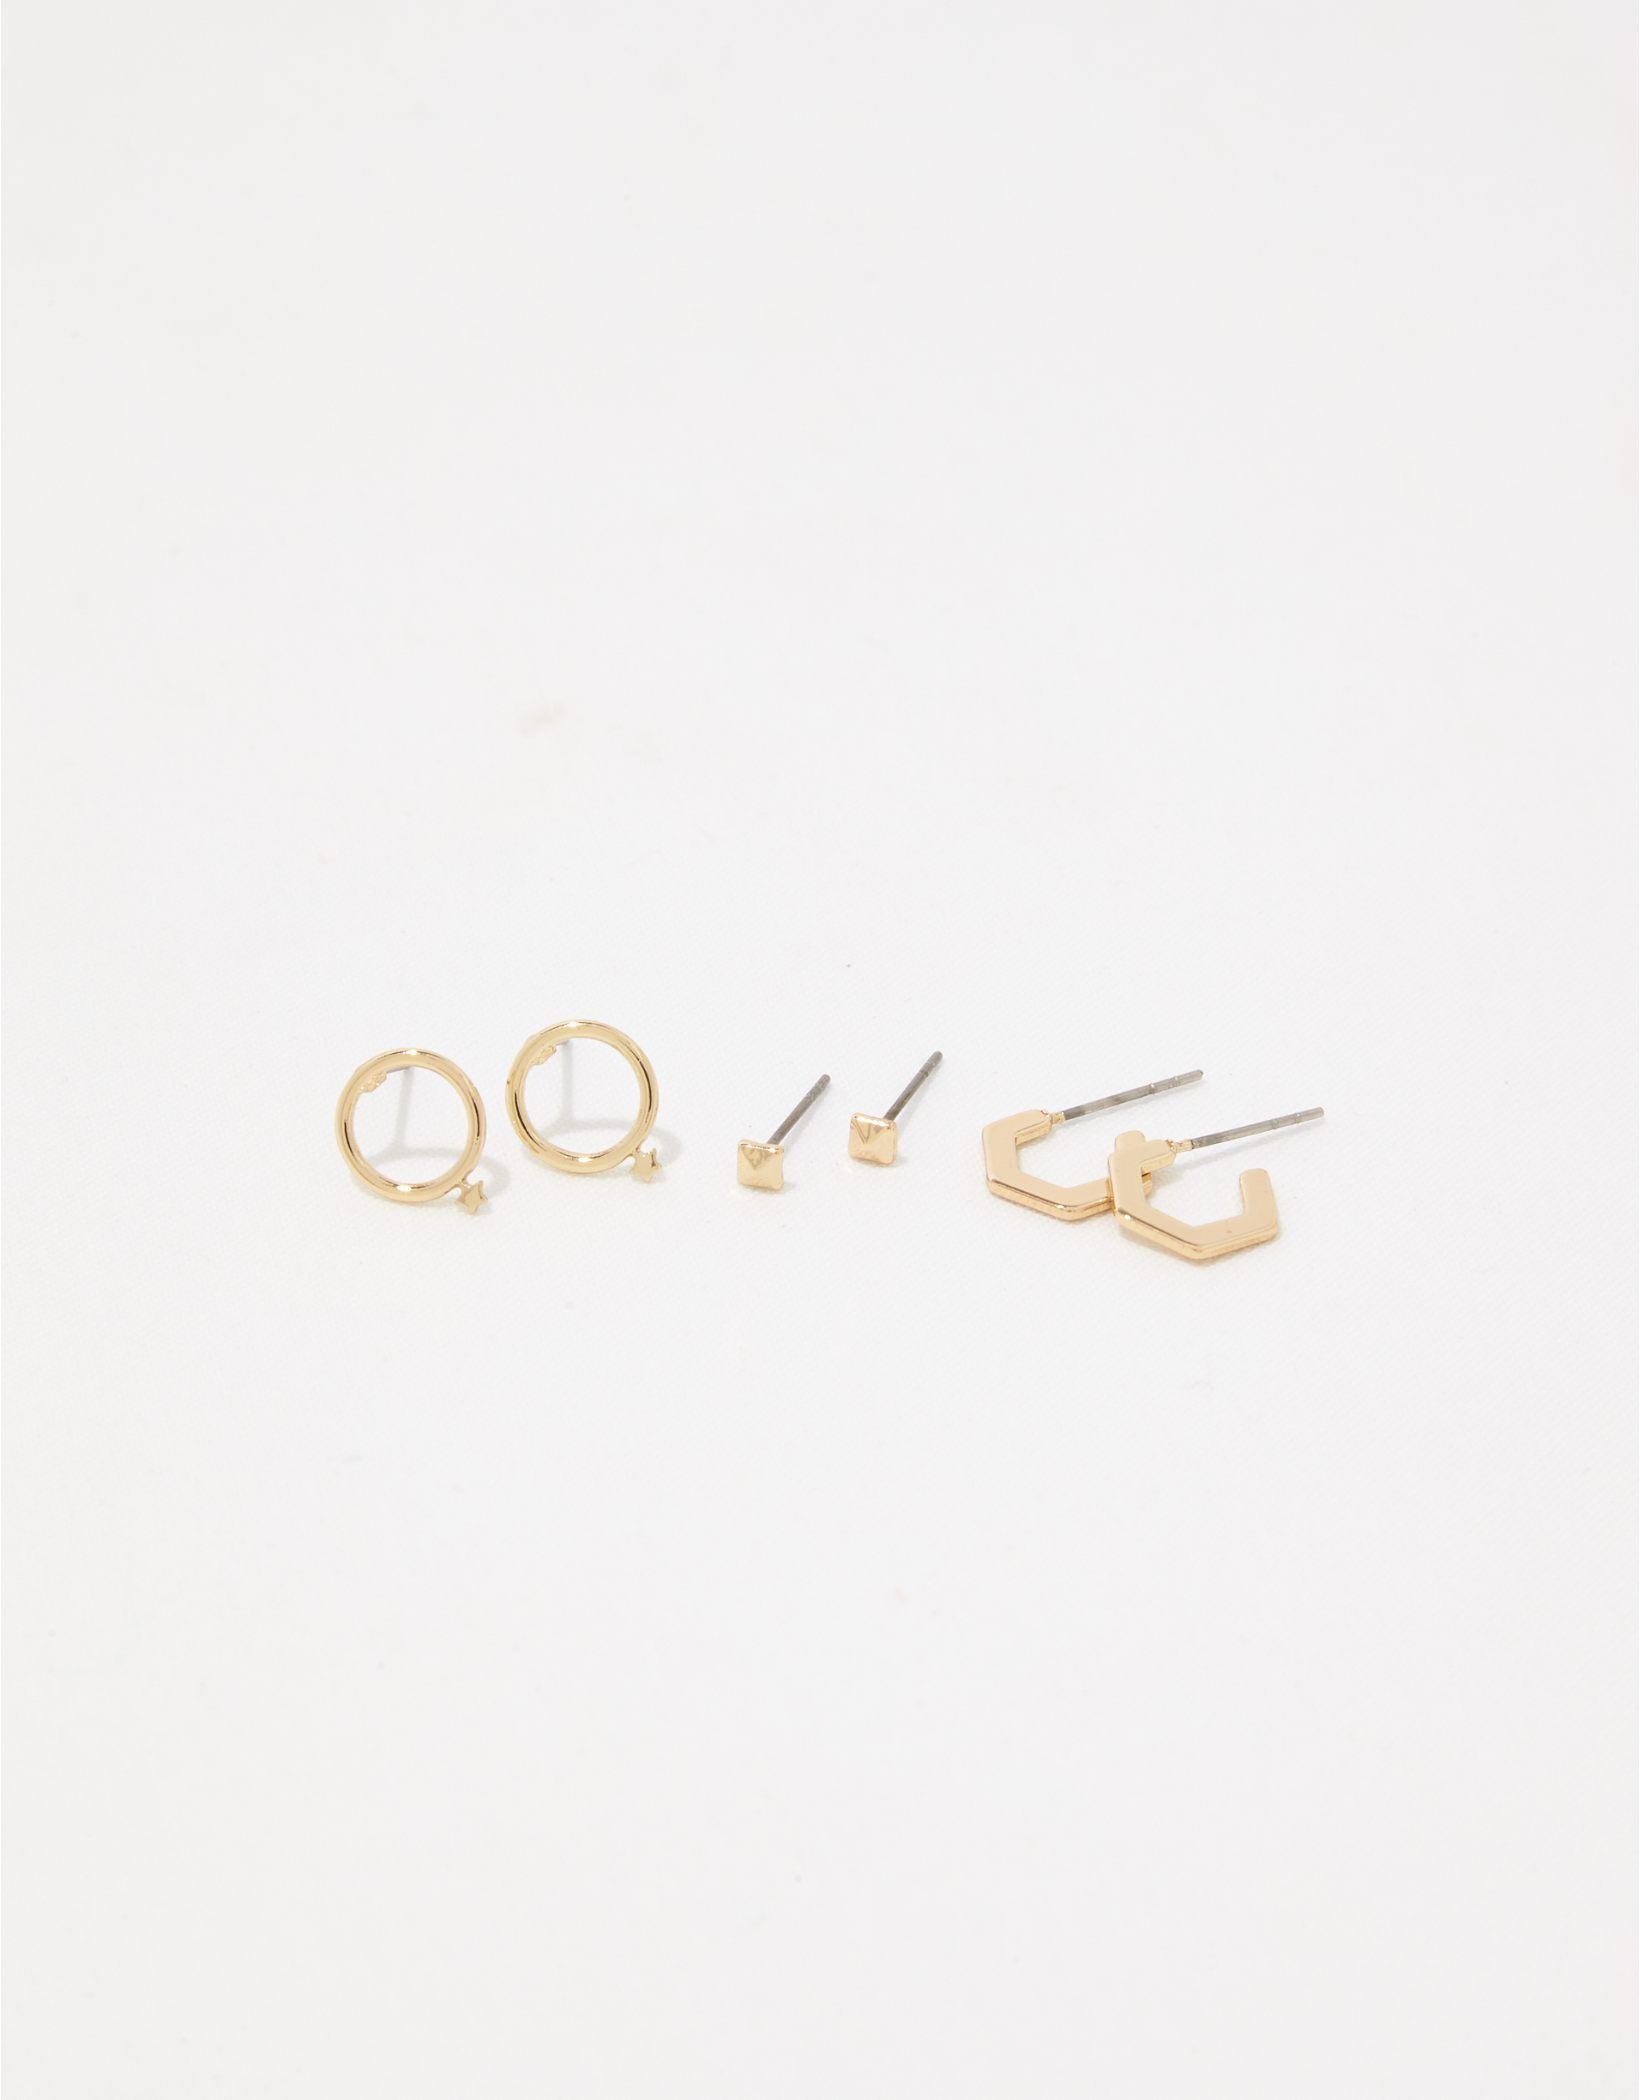 Aerie Metal Simple Hex Earring 3-Pack